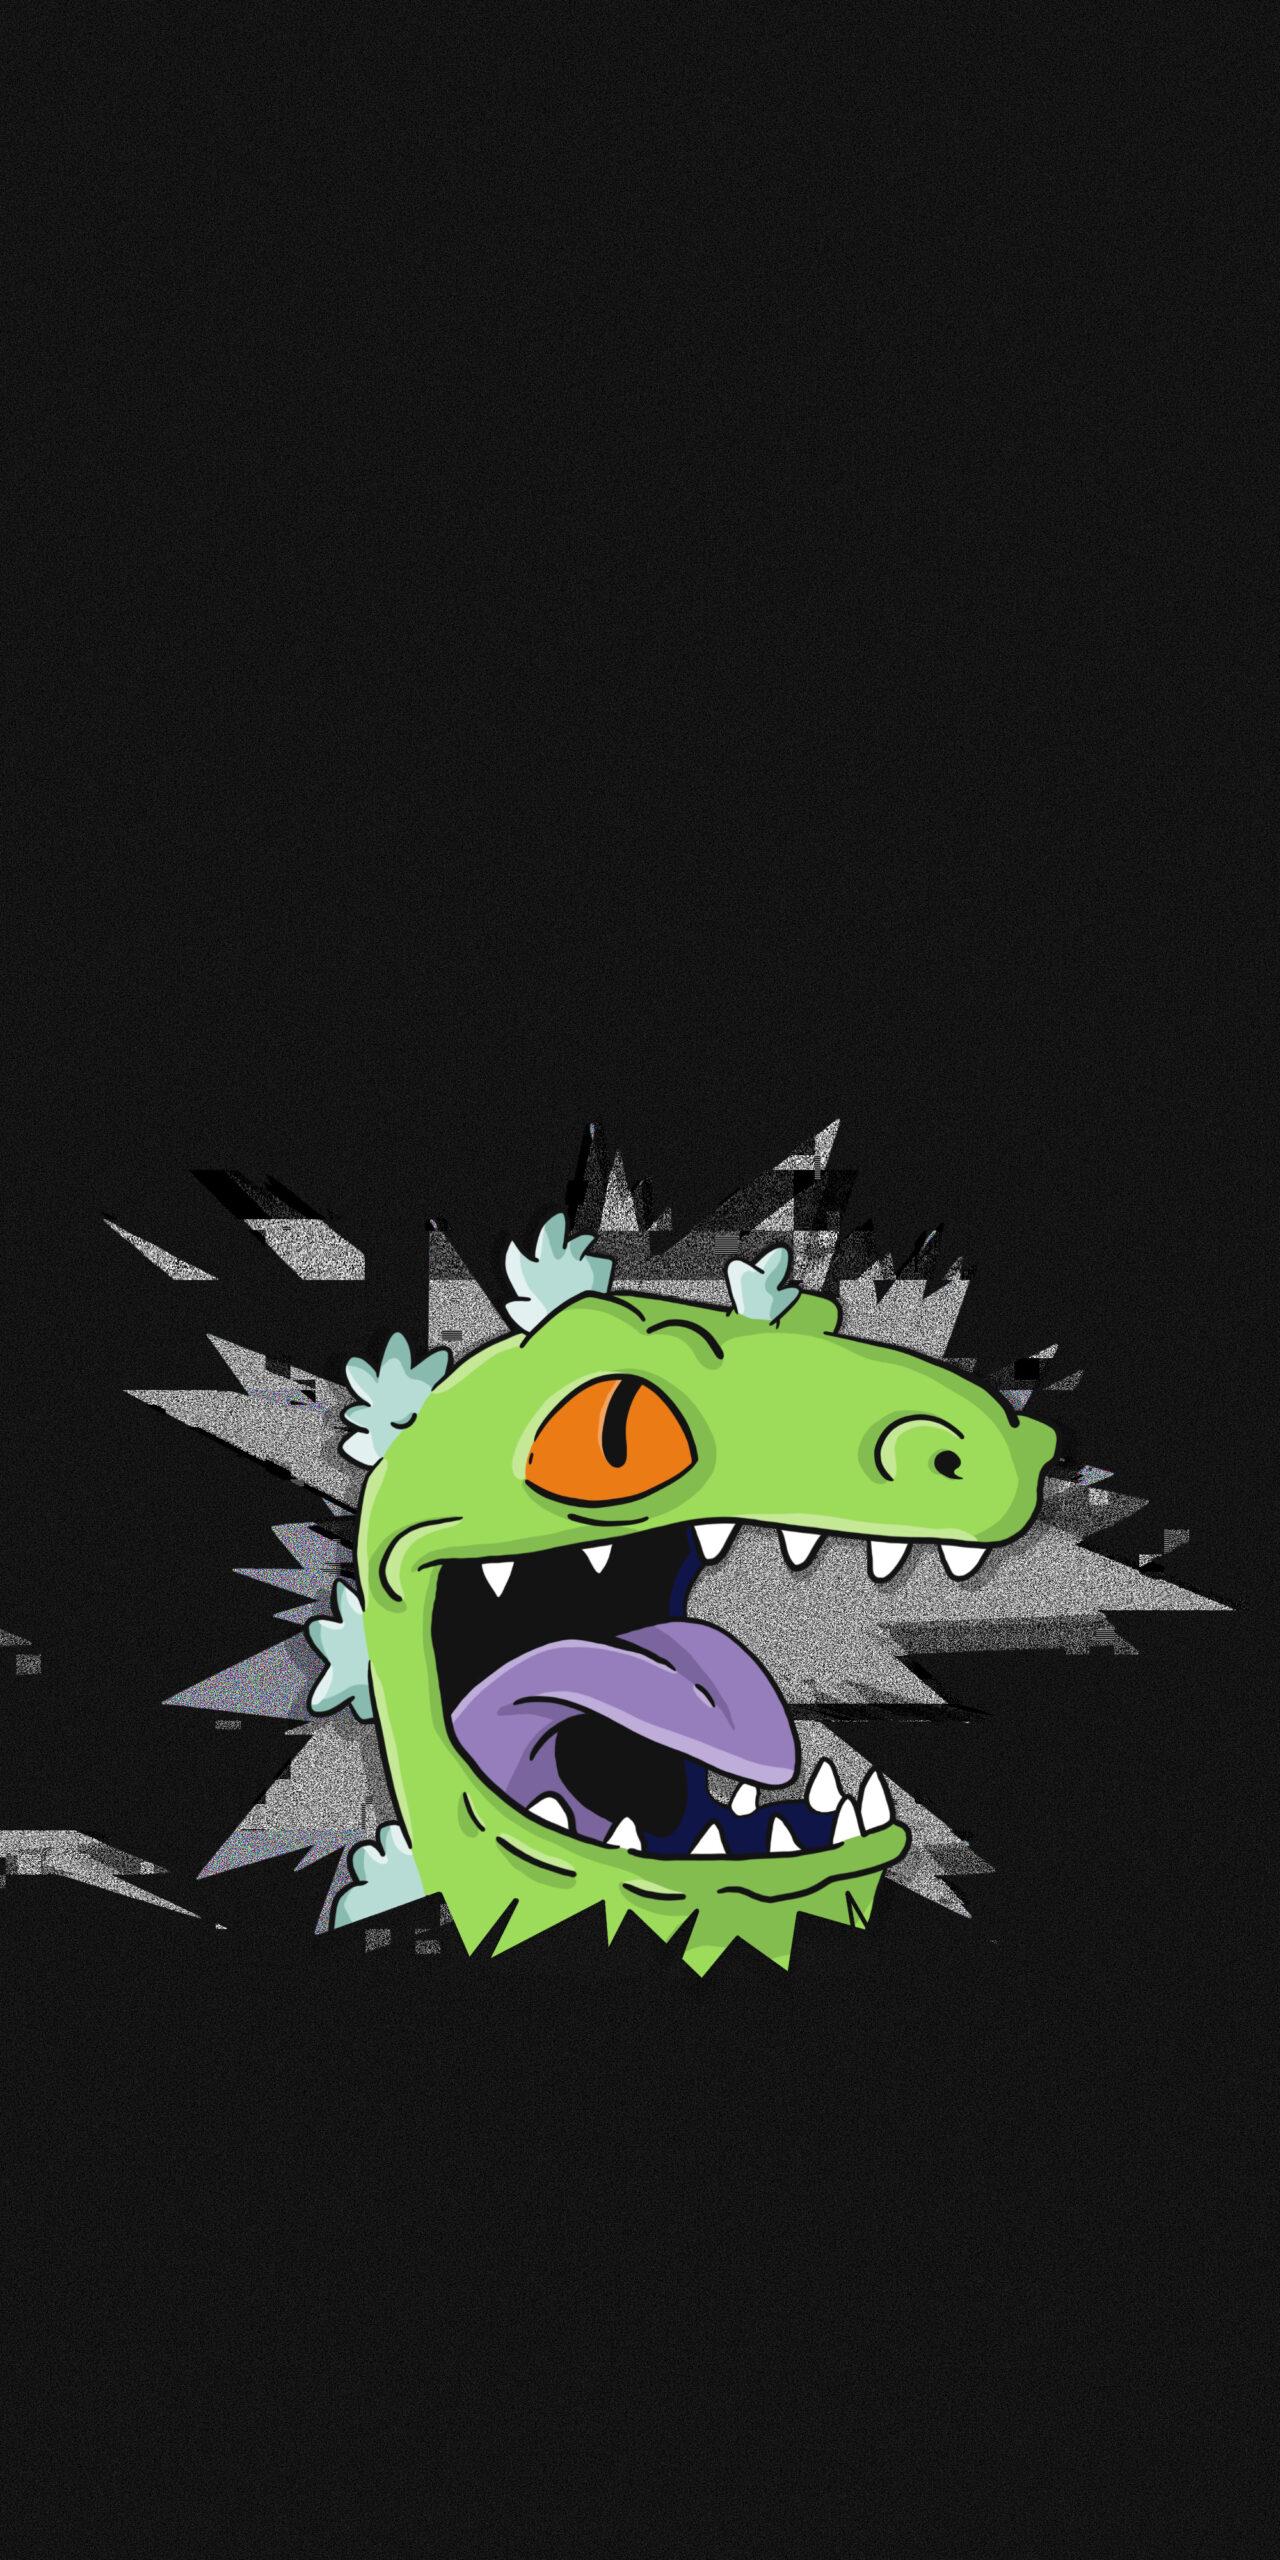 rugrats reptar dinosaur broken screen dark wallpaper